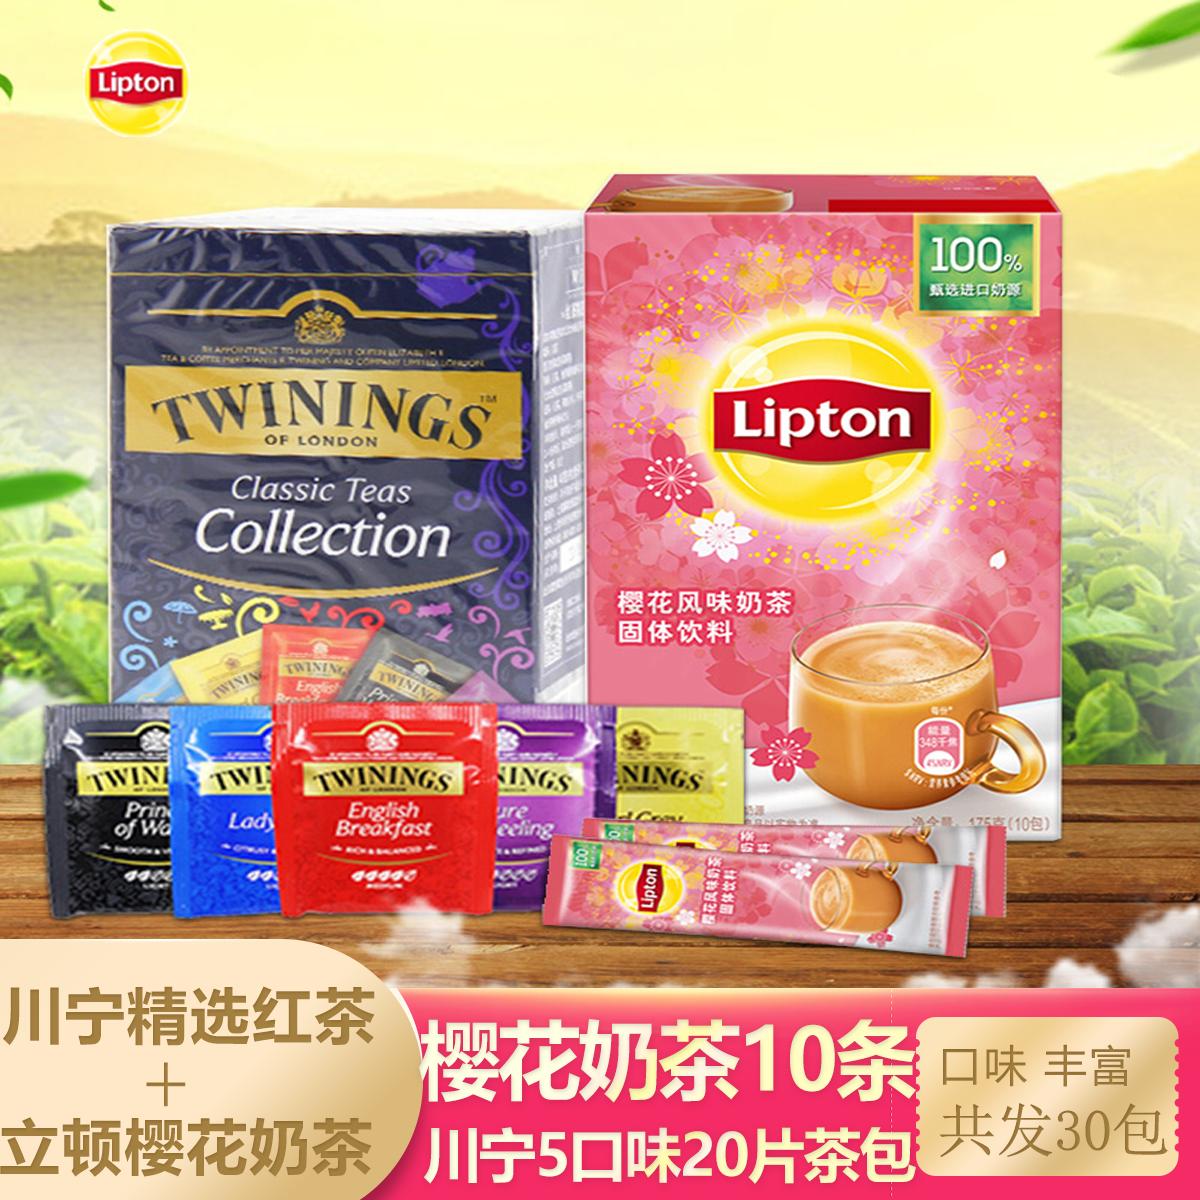 立顿樱花奶茶粉10条+川宁5口味精选红茶20片袋泡茶包共30条组合装